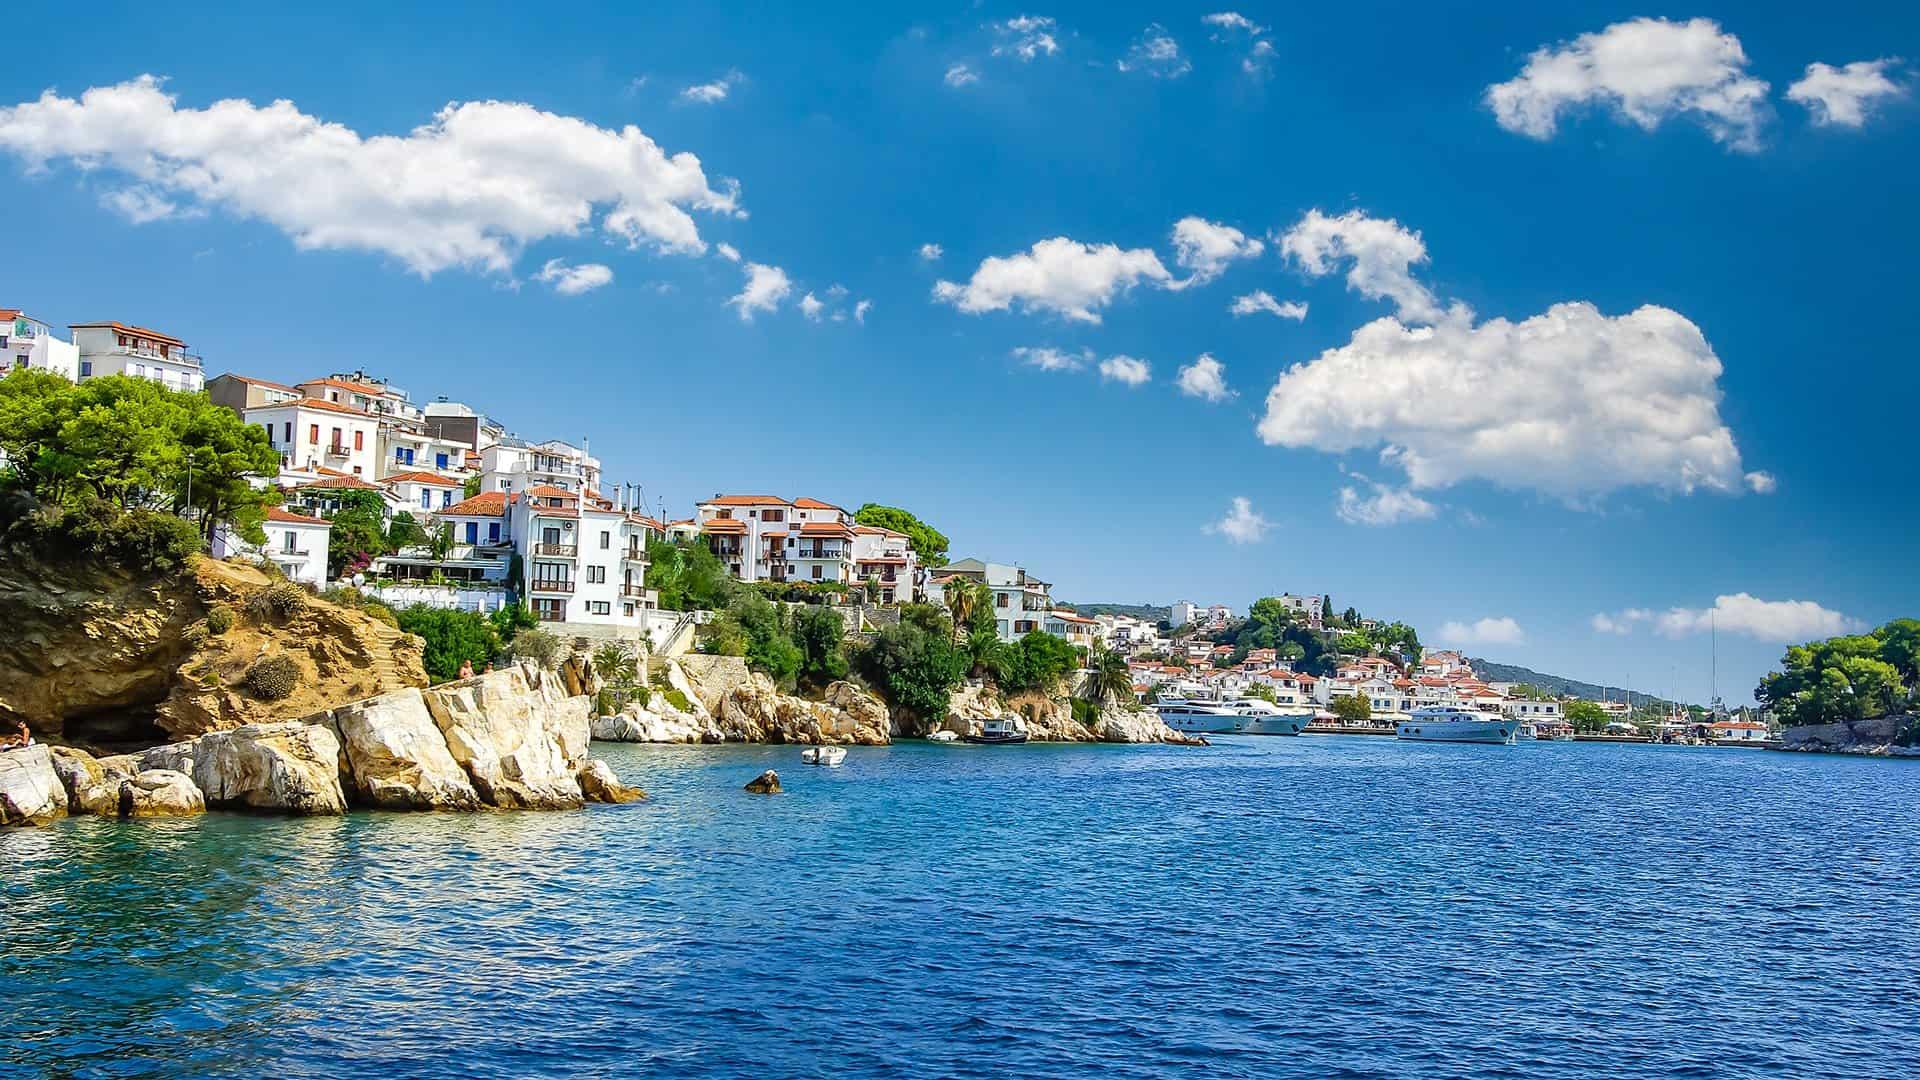 Отпуск от А до Я: отдых на Кипре - отзывы и полезные советы туристов